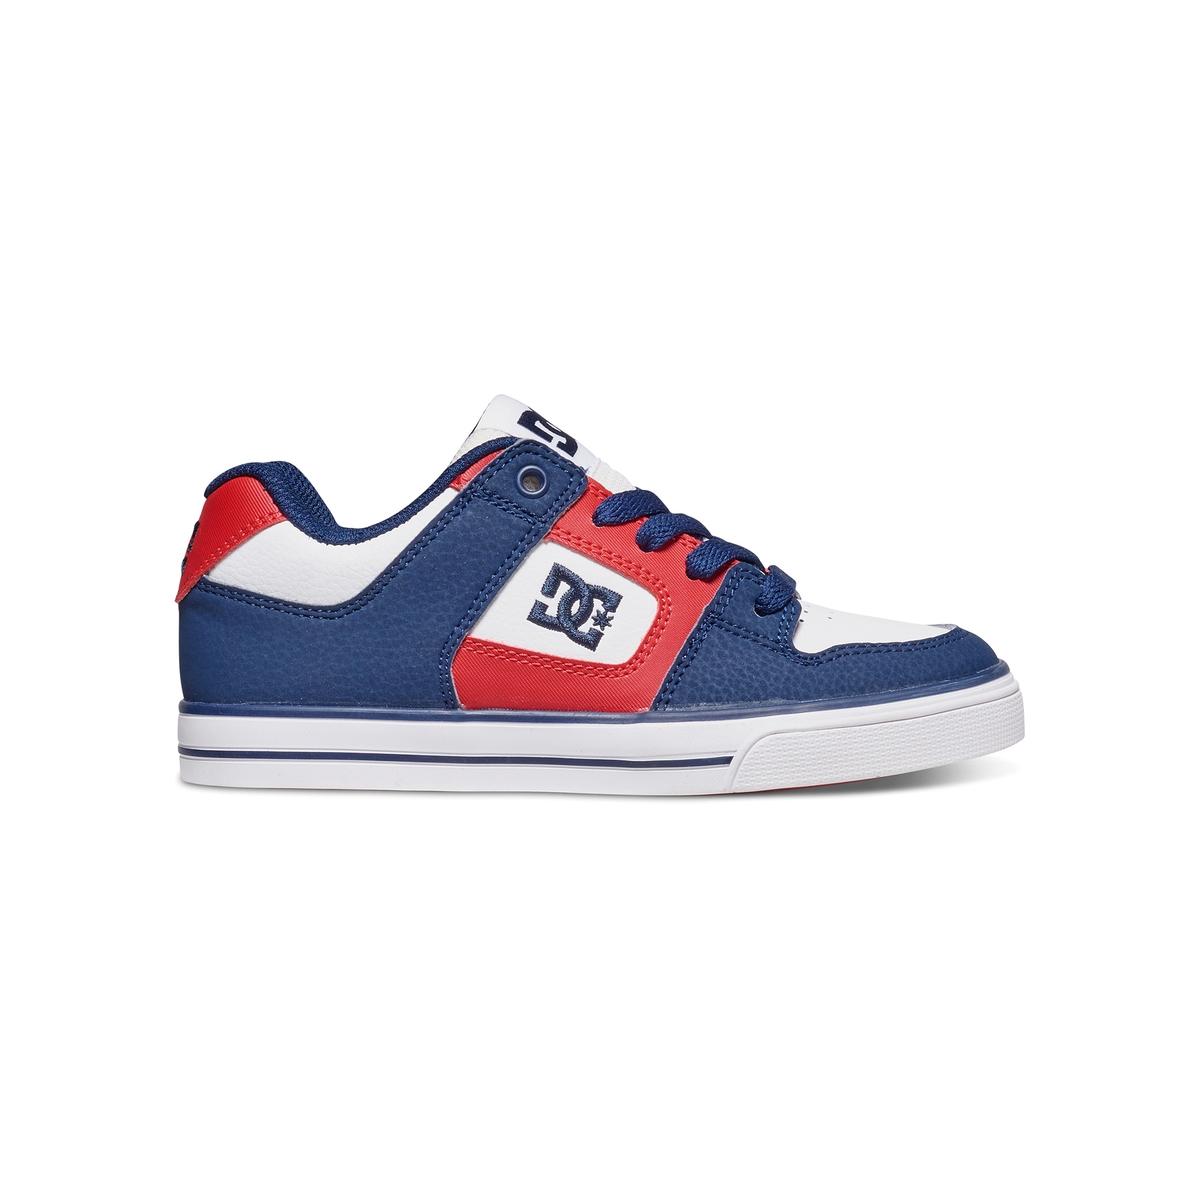 Кеды низкие DC SHOES PURE B SHOE XKRWКеды низкие кожаные, на шнуровке, PURE B SHOE XKRW от DC SHOES.Верх: телячья кожаПодкладка: текстильСтелька: текстиль Подошва : каучукЗастежка : шнуровкаМарка DC Shoes, появившаяся в 1994 году,  позиционирует себя, как королева скольжения и создает стильные и технологичные коллекции для скейтборда, серфинга, сноуборда и даже для велосипедного мотокросса, мотоспорта и экстремальных видов спорта. В своих коллекциях она предлагает модную городскую обувь, невероятно легкую и как всегда с калифорнийским колоритом! Прочная подошва устойчива к износу и истиранию : дополнительное преимущество для занятий скейтбордингом !<br><br>Цвет: синий/красный/белый<br>Размер: 28